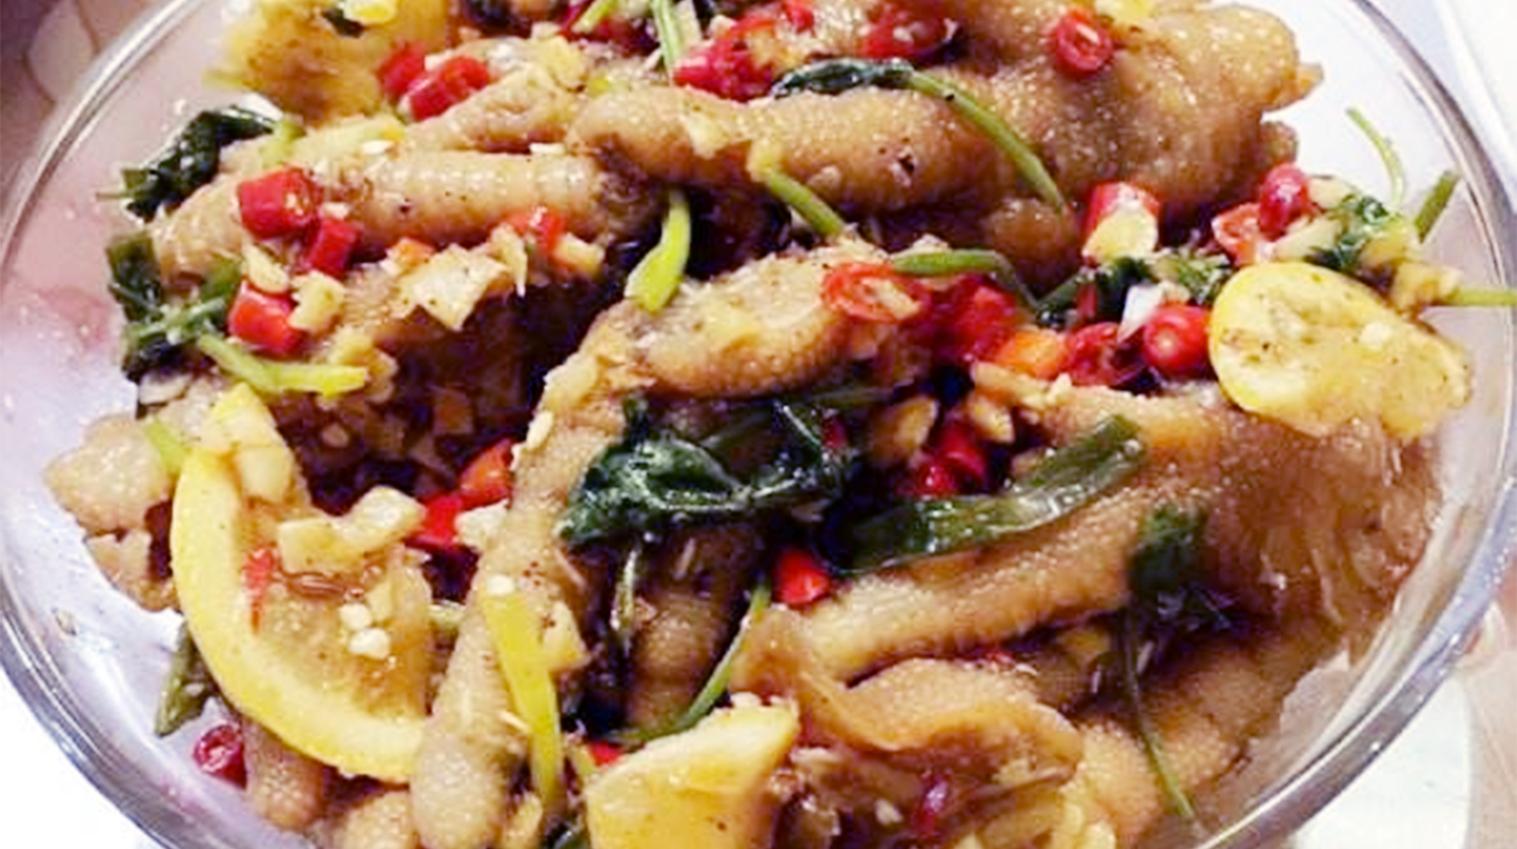 酸辣凤爪:激活夏天食欲开胃美食菜,让没胃口的您都能越吃越有味